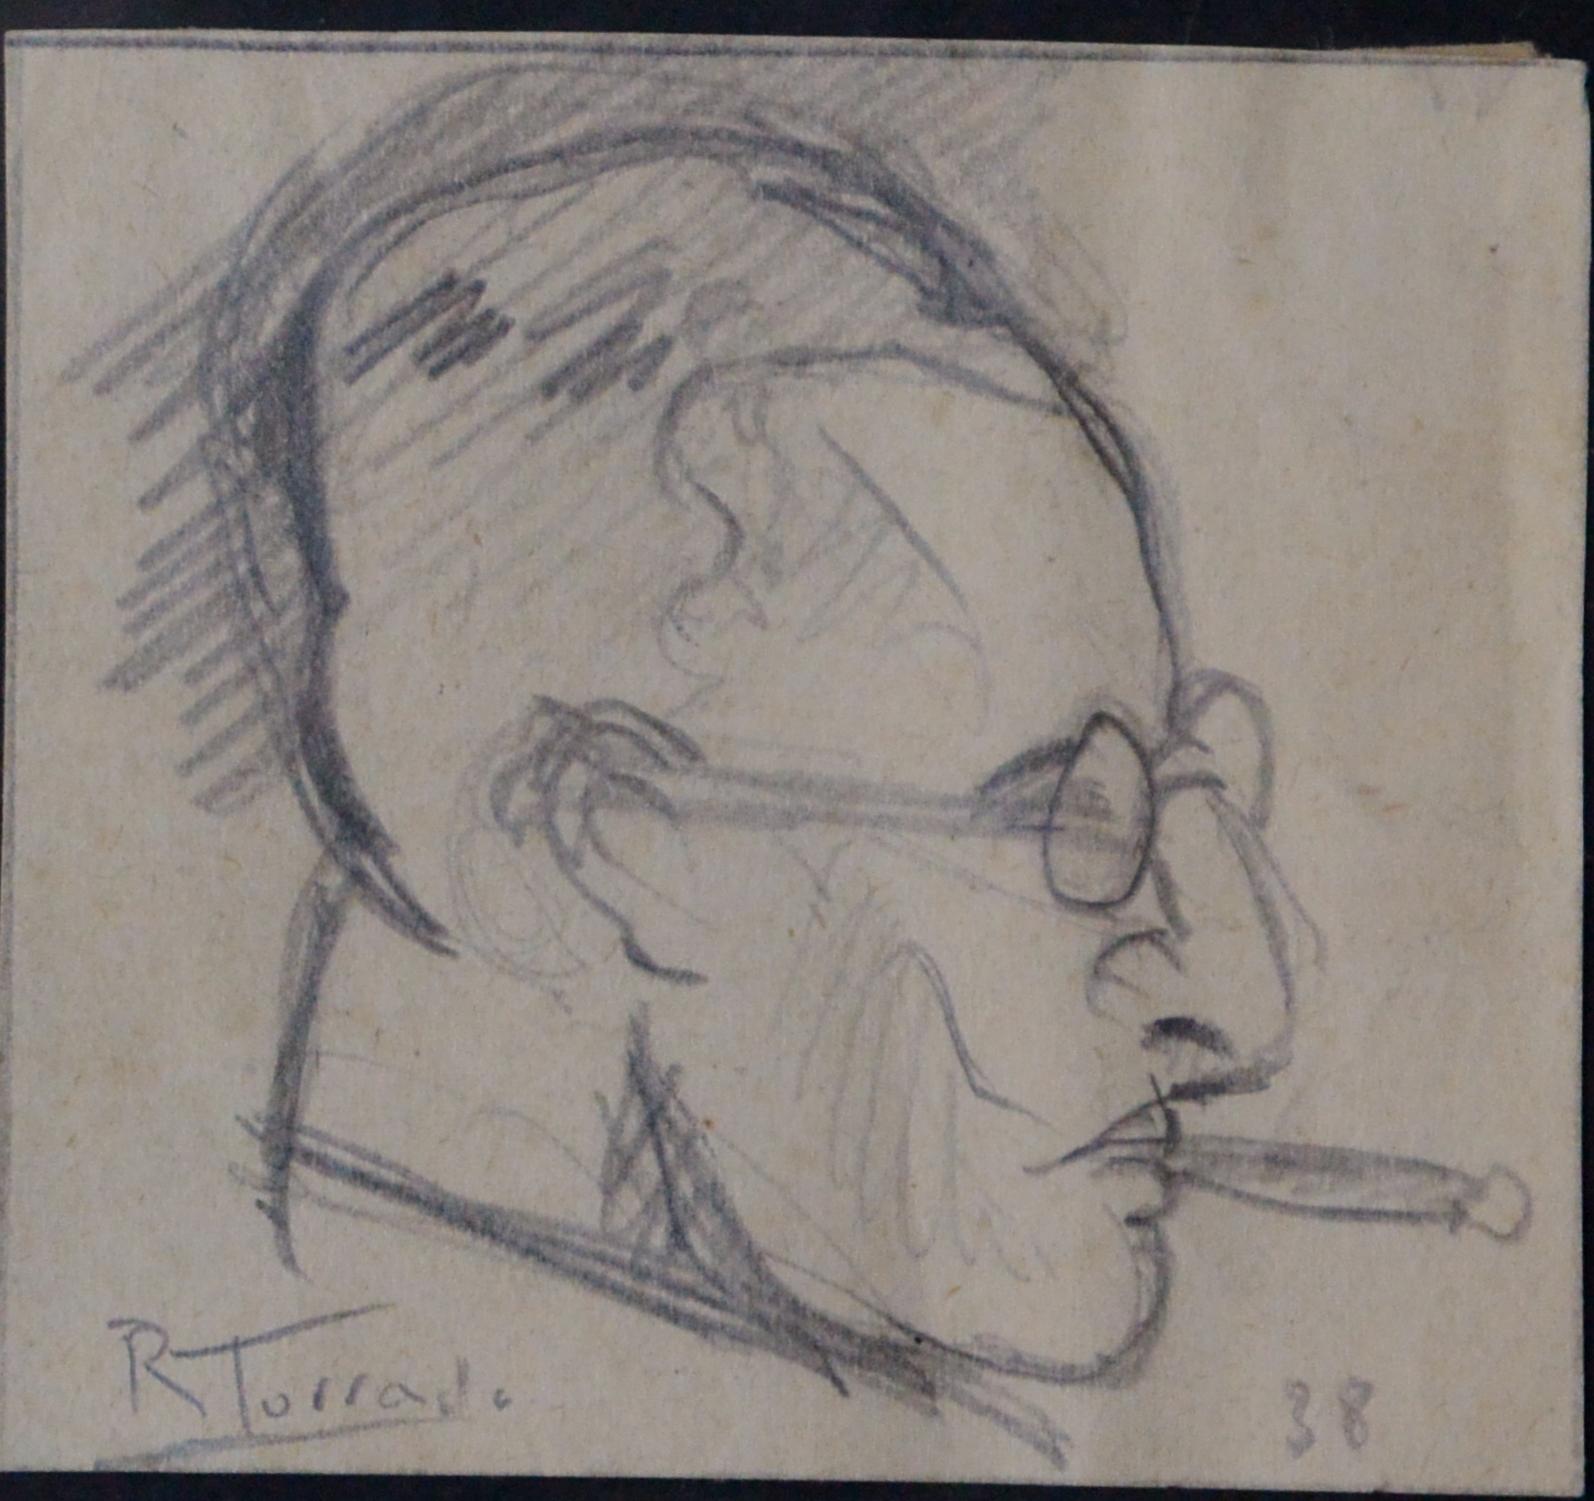 Ramn Torrado  Hombre de perfil fumando dibujo lpiz enmarcado